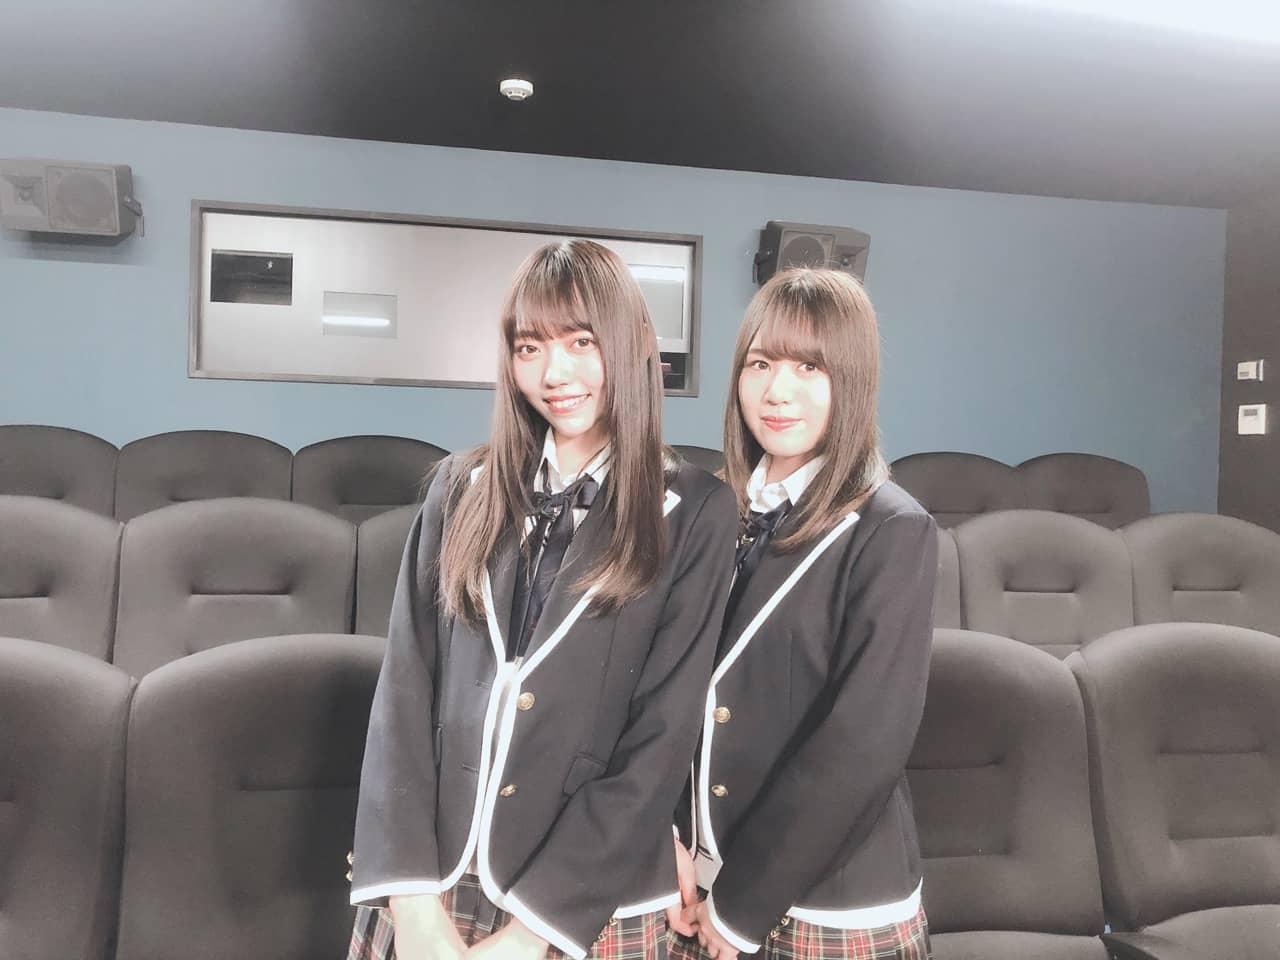 福士奈央&野島樺乃がディズニーに携わる女性と出会い歌う「SKE48は君と歌いたい」